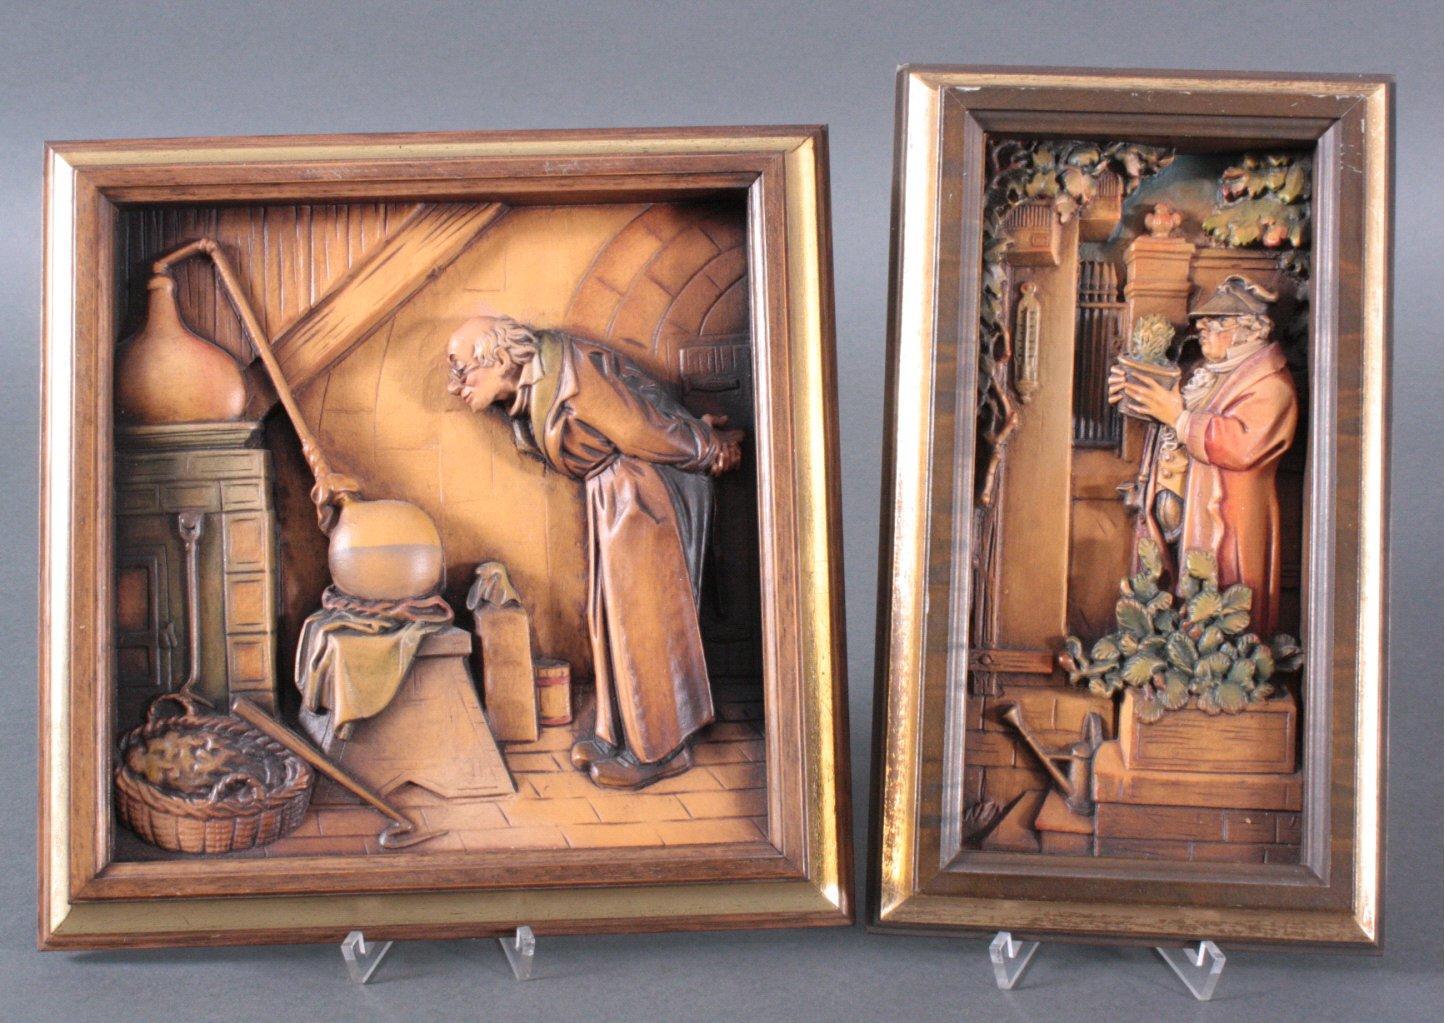 2 Holzbilder, wohl ANRI